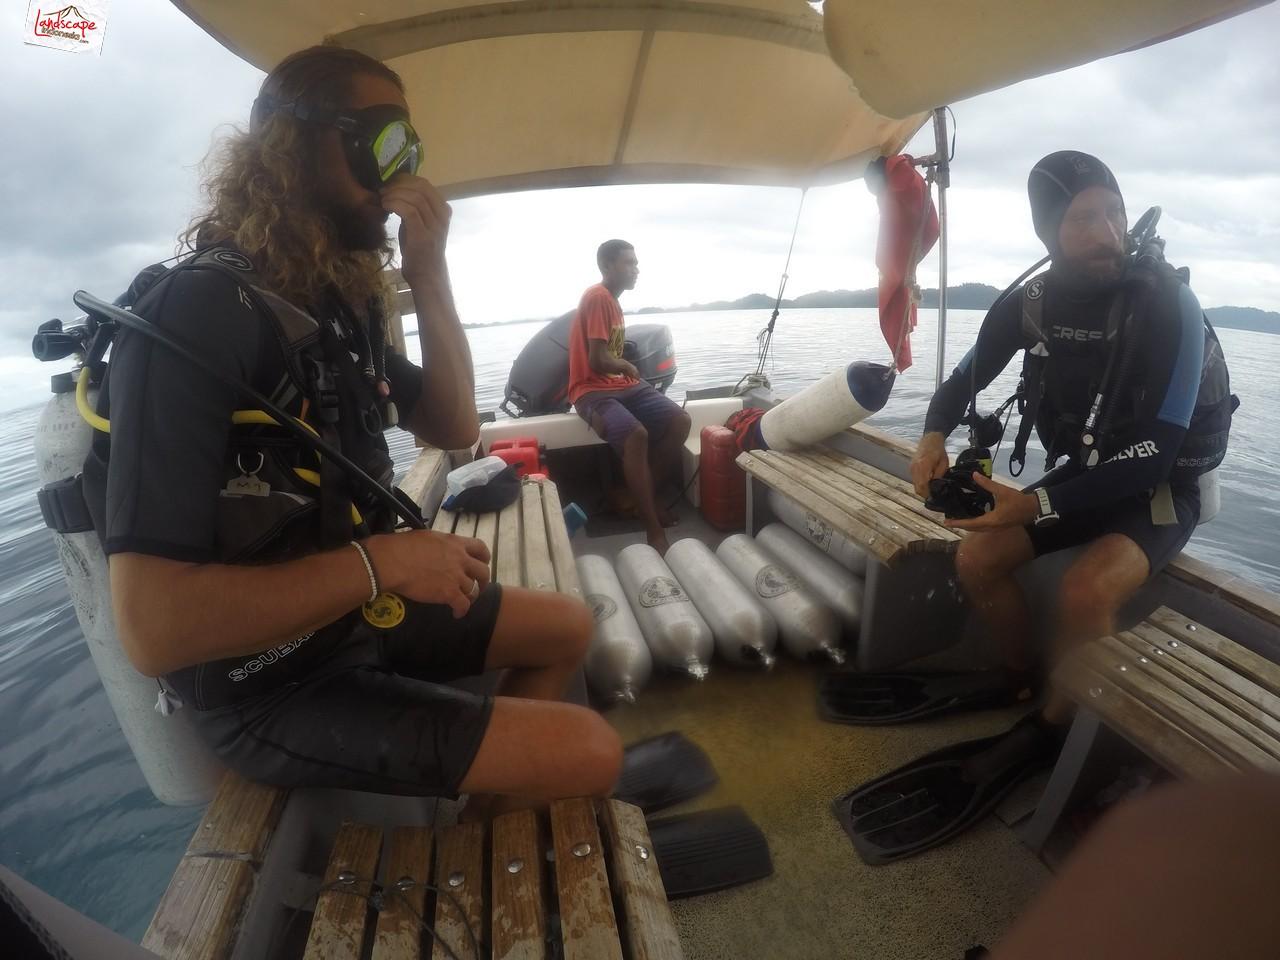 diving di arborek 1 - Diving di Arborek, Raja Ampat